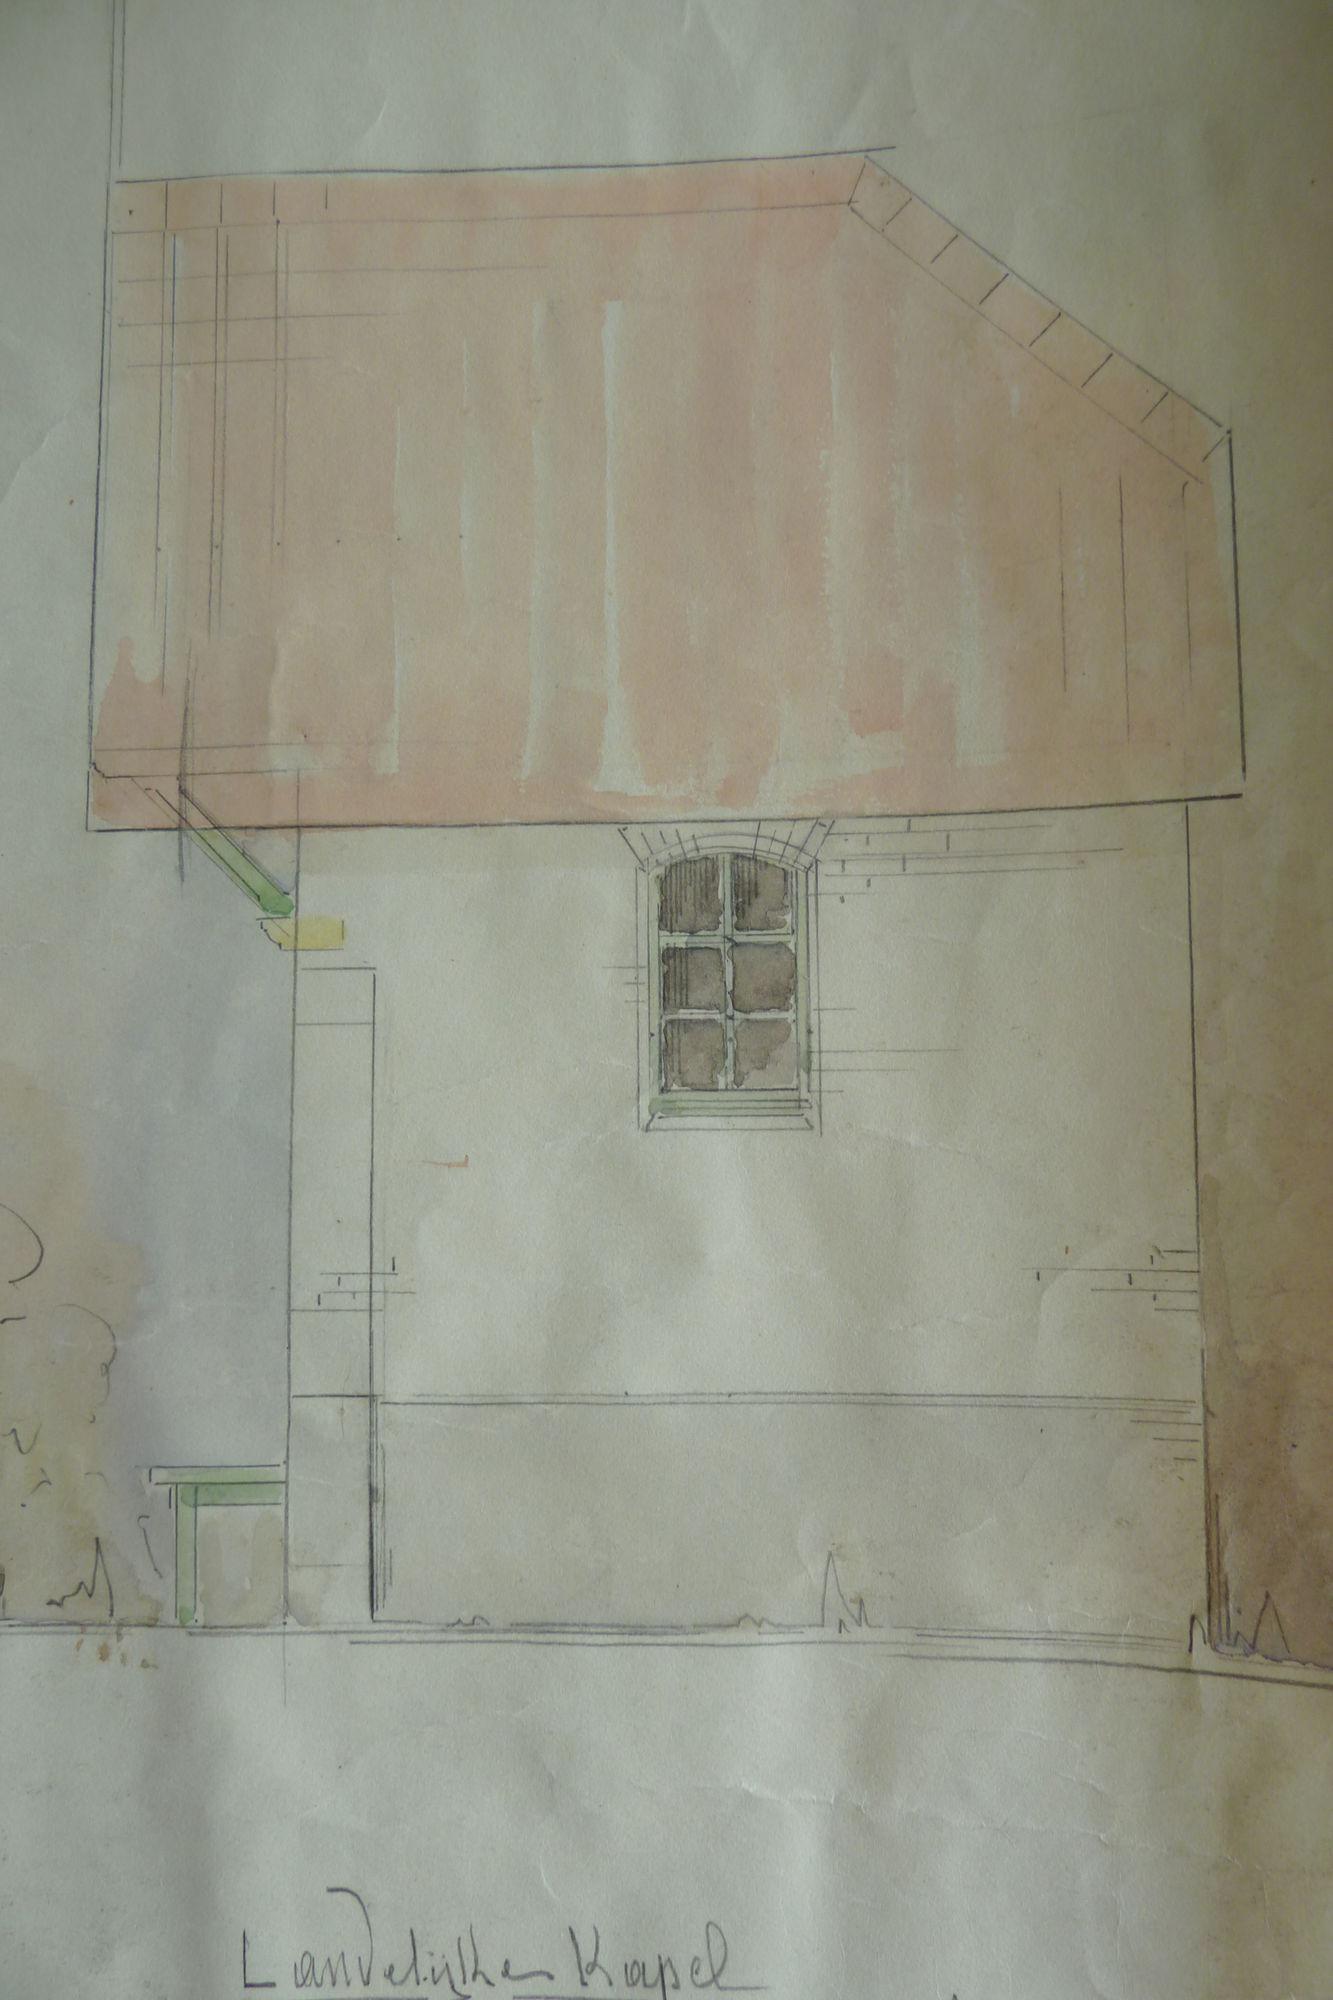 Bomkapel aan het Rootershof 1942